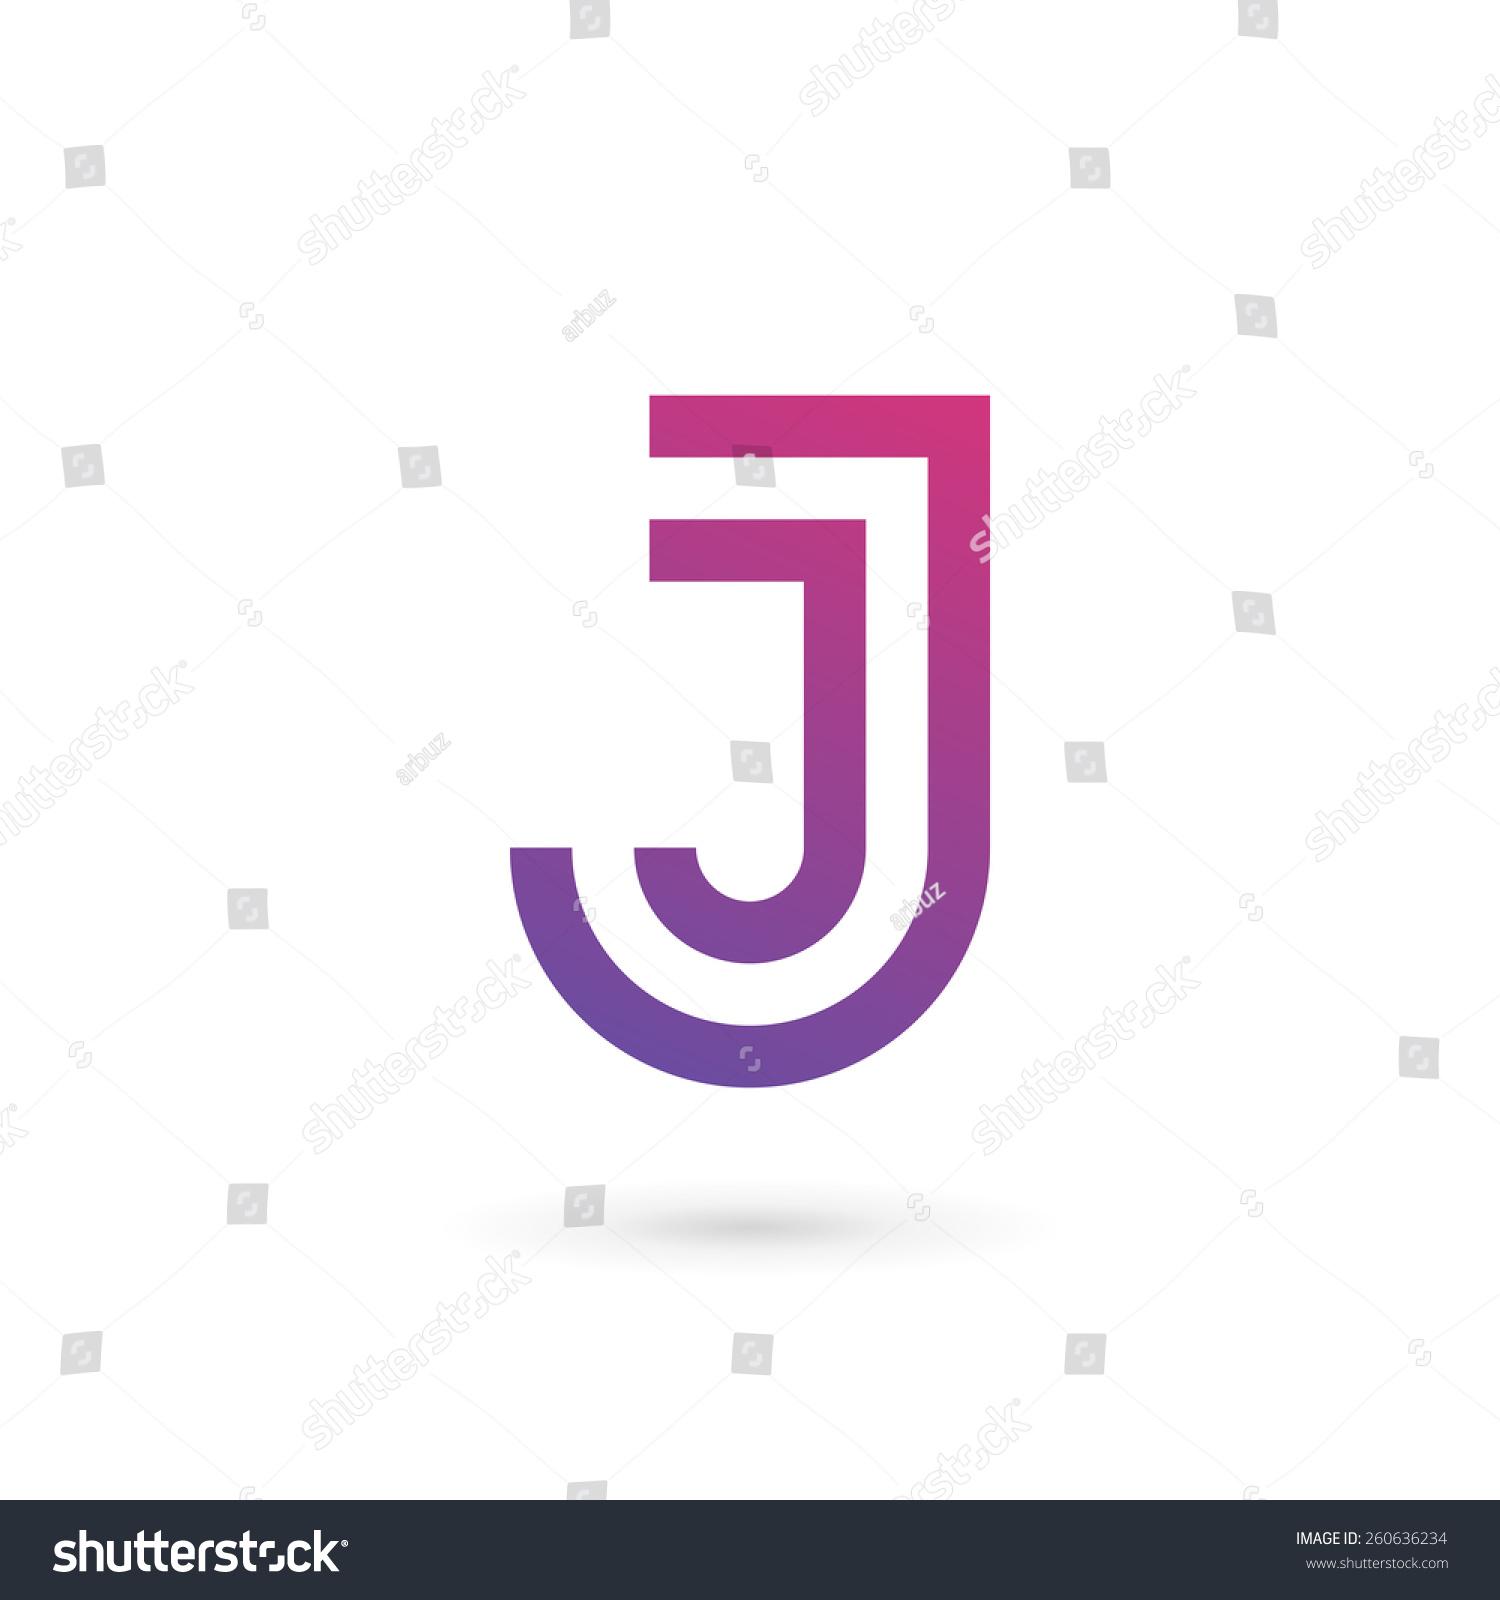 字母j标志图标设计模板元素-符号/标志